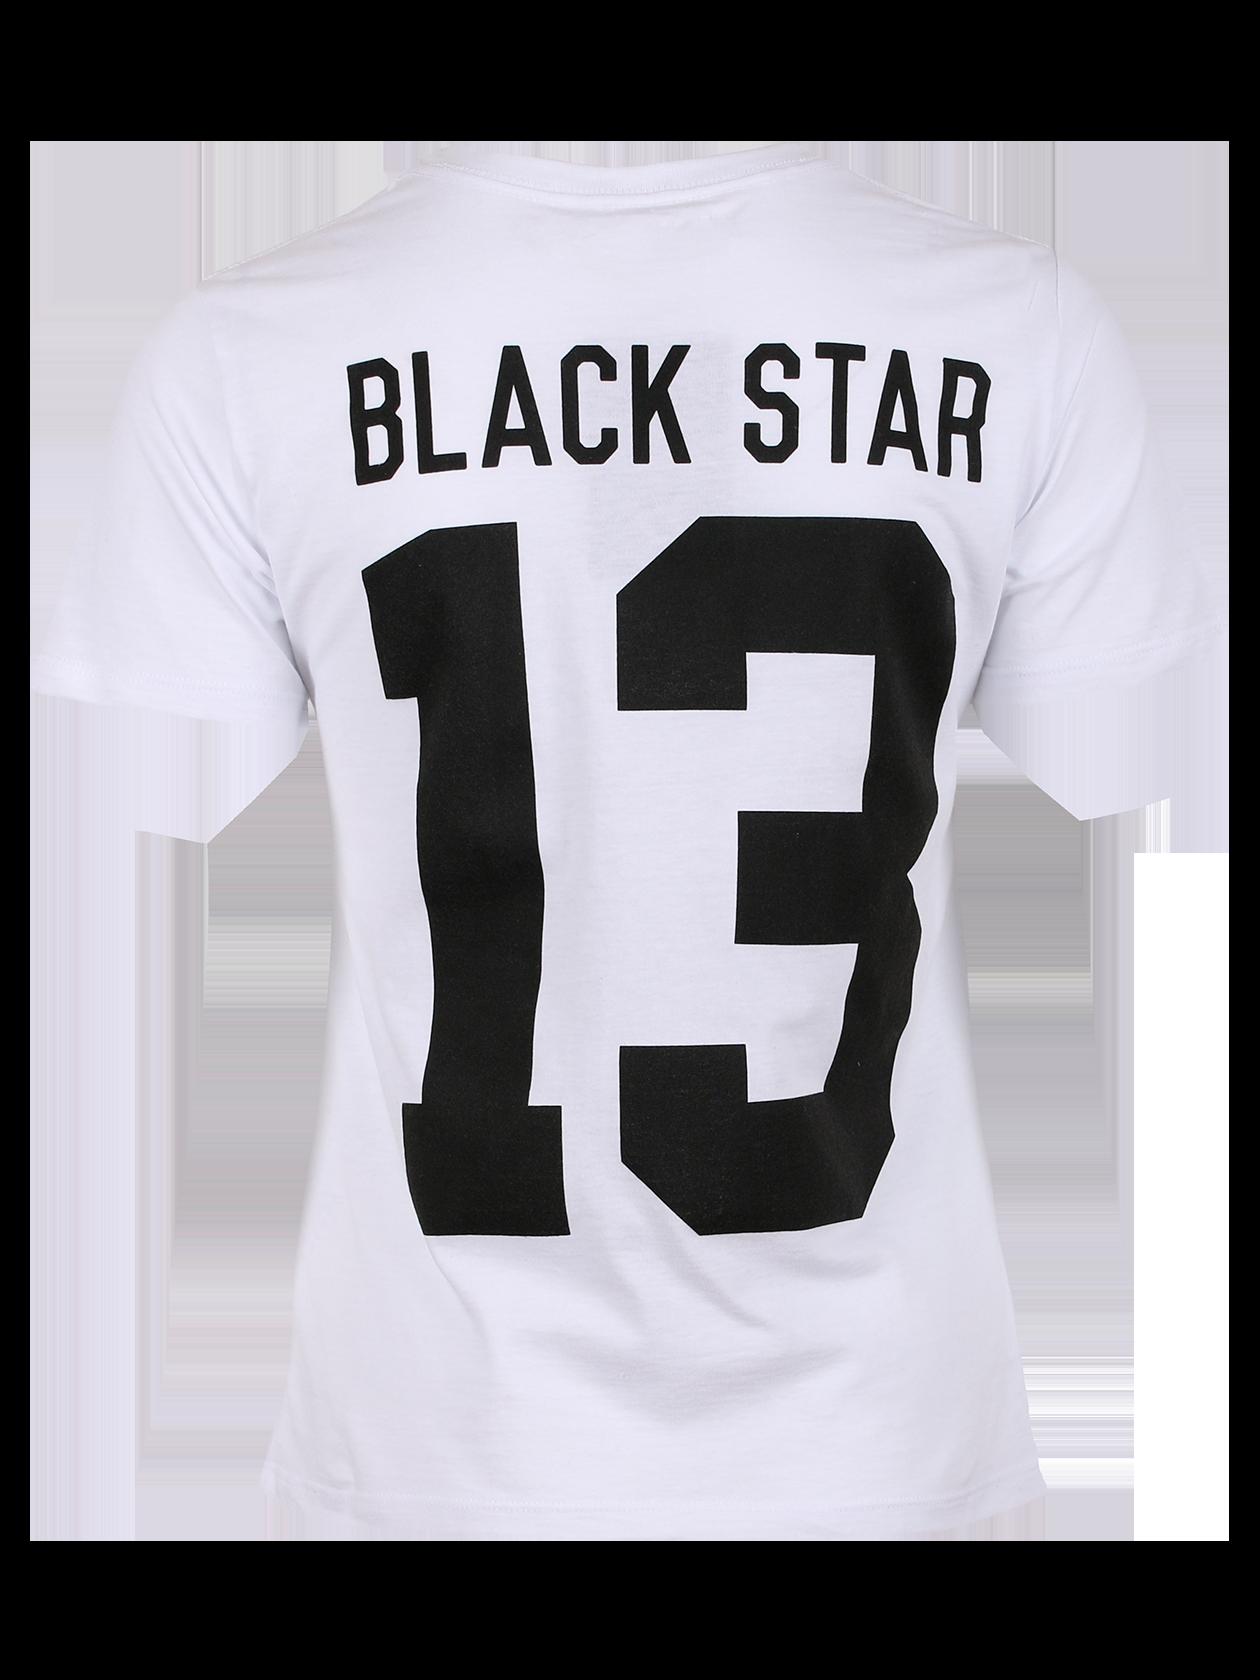 Футболка женская BLACK STAR 13Футболка женская Black Star 13 из новой линии одежды Basic – прекрасный выбор для создания стиля на каждый день. Модель представлена в базовых расцветках – белой и черной, дополнена крупной надписью на спине Black Star 13. Дизайн лаконичный, крой классический с прямыми линиями, полусвободный силуэт. Премиальный натуральный хлопок гарантирует удобство и комфорт. Специальная демократичная цена изделия вас приятно удивит.<br><br>Размер: L<br>Цвет: Белый<br>Пол: Унисекс